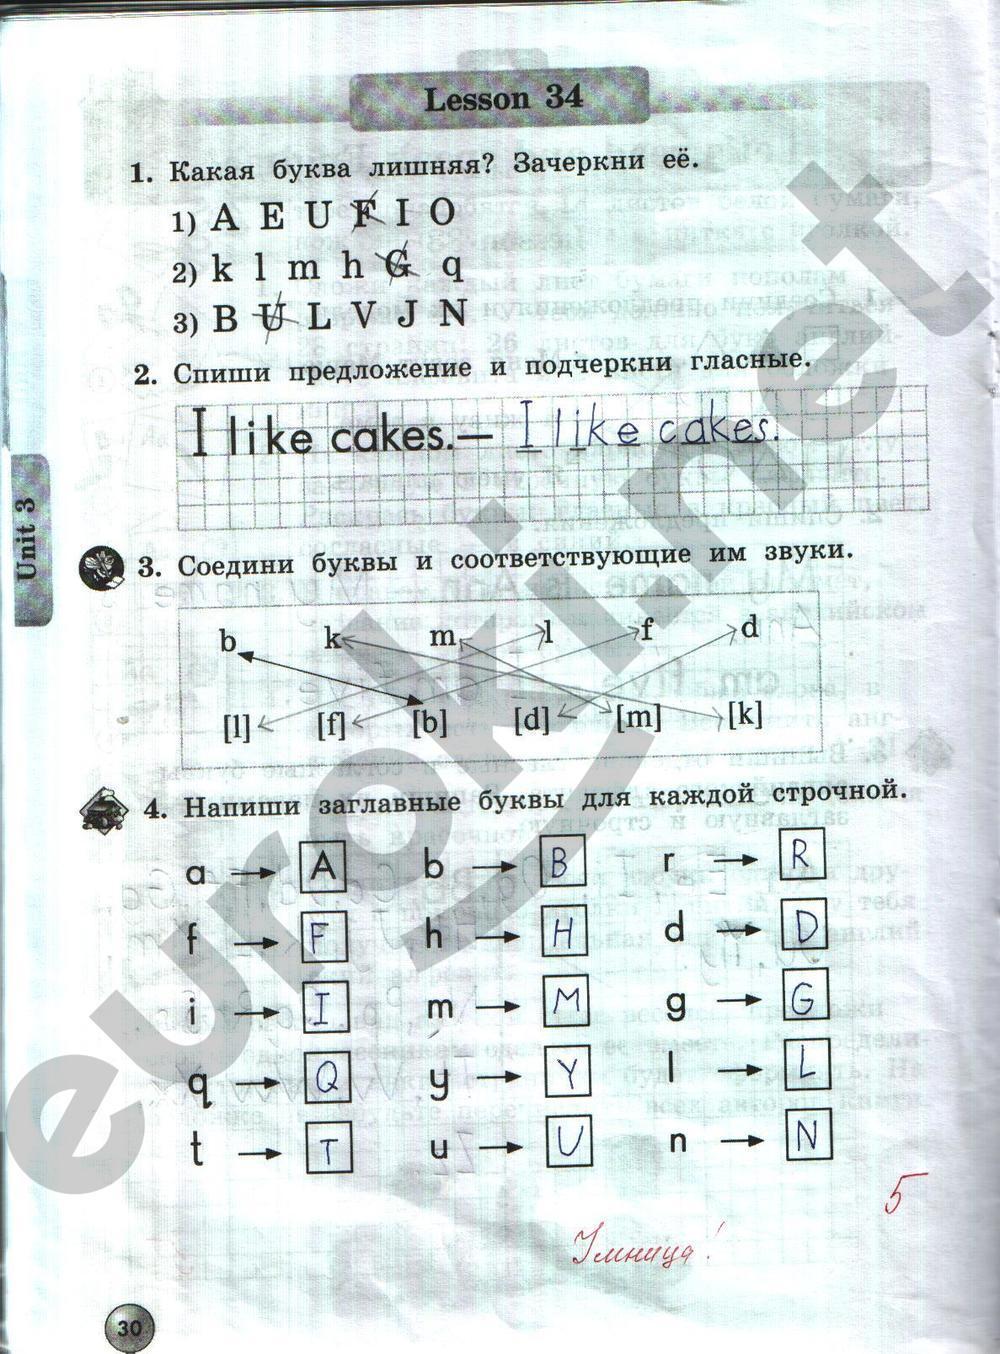 биболетова тетрадь английский ответы язык решебник класс гдз 2 рабочая